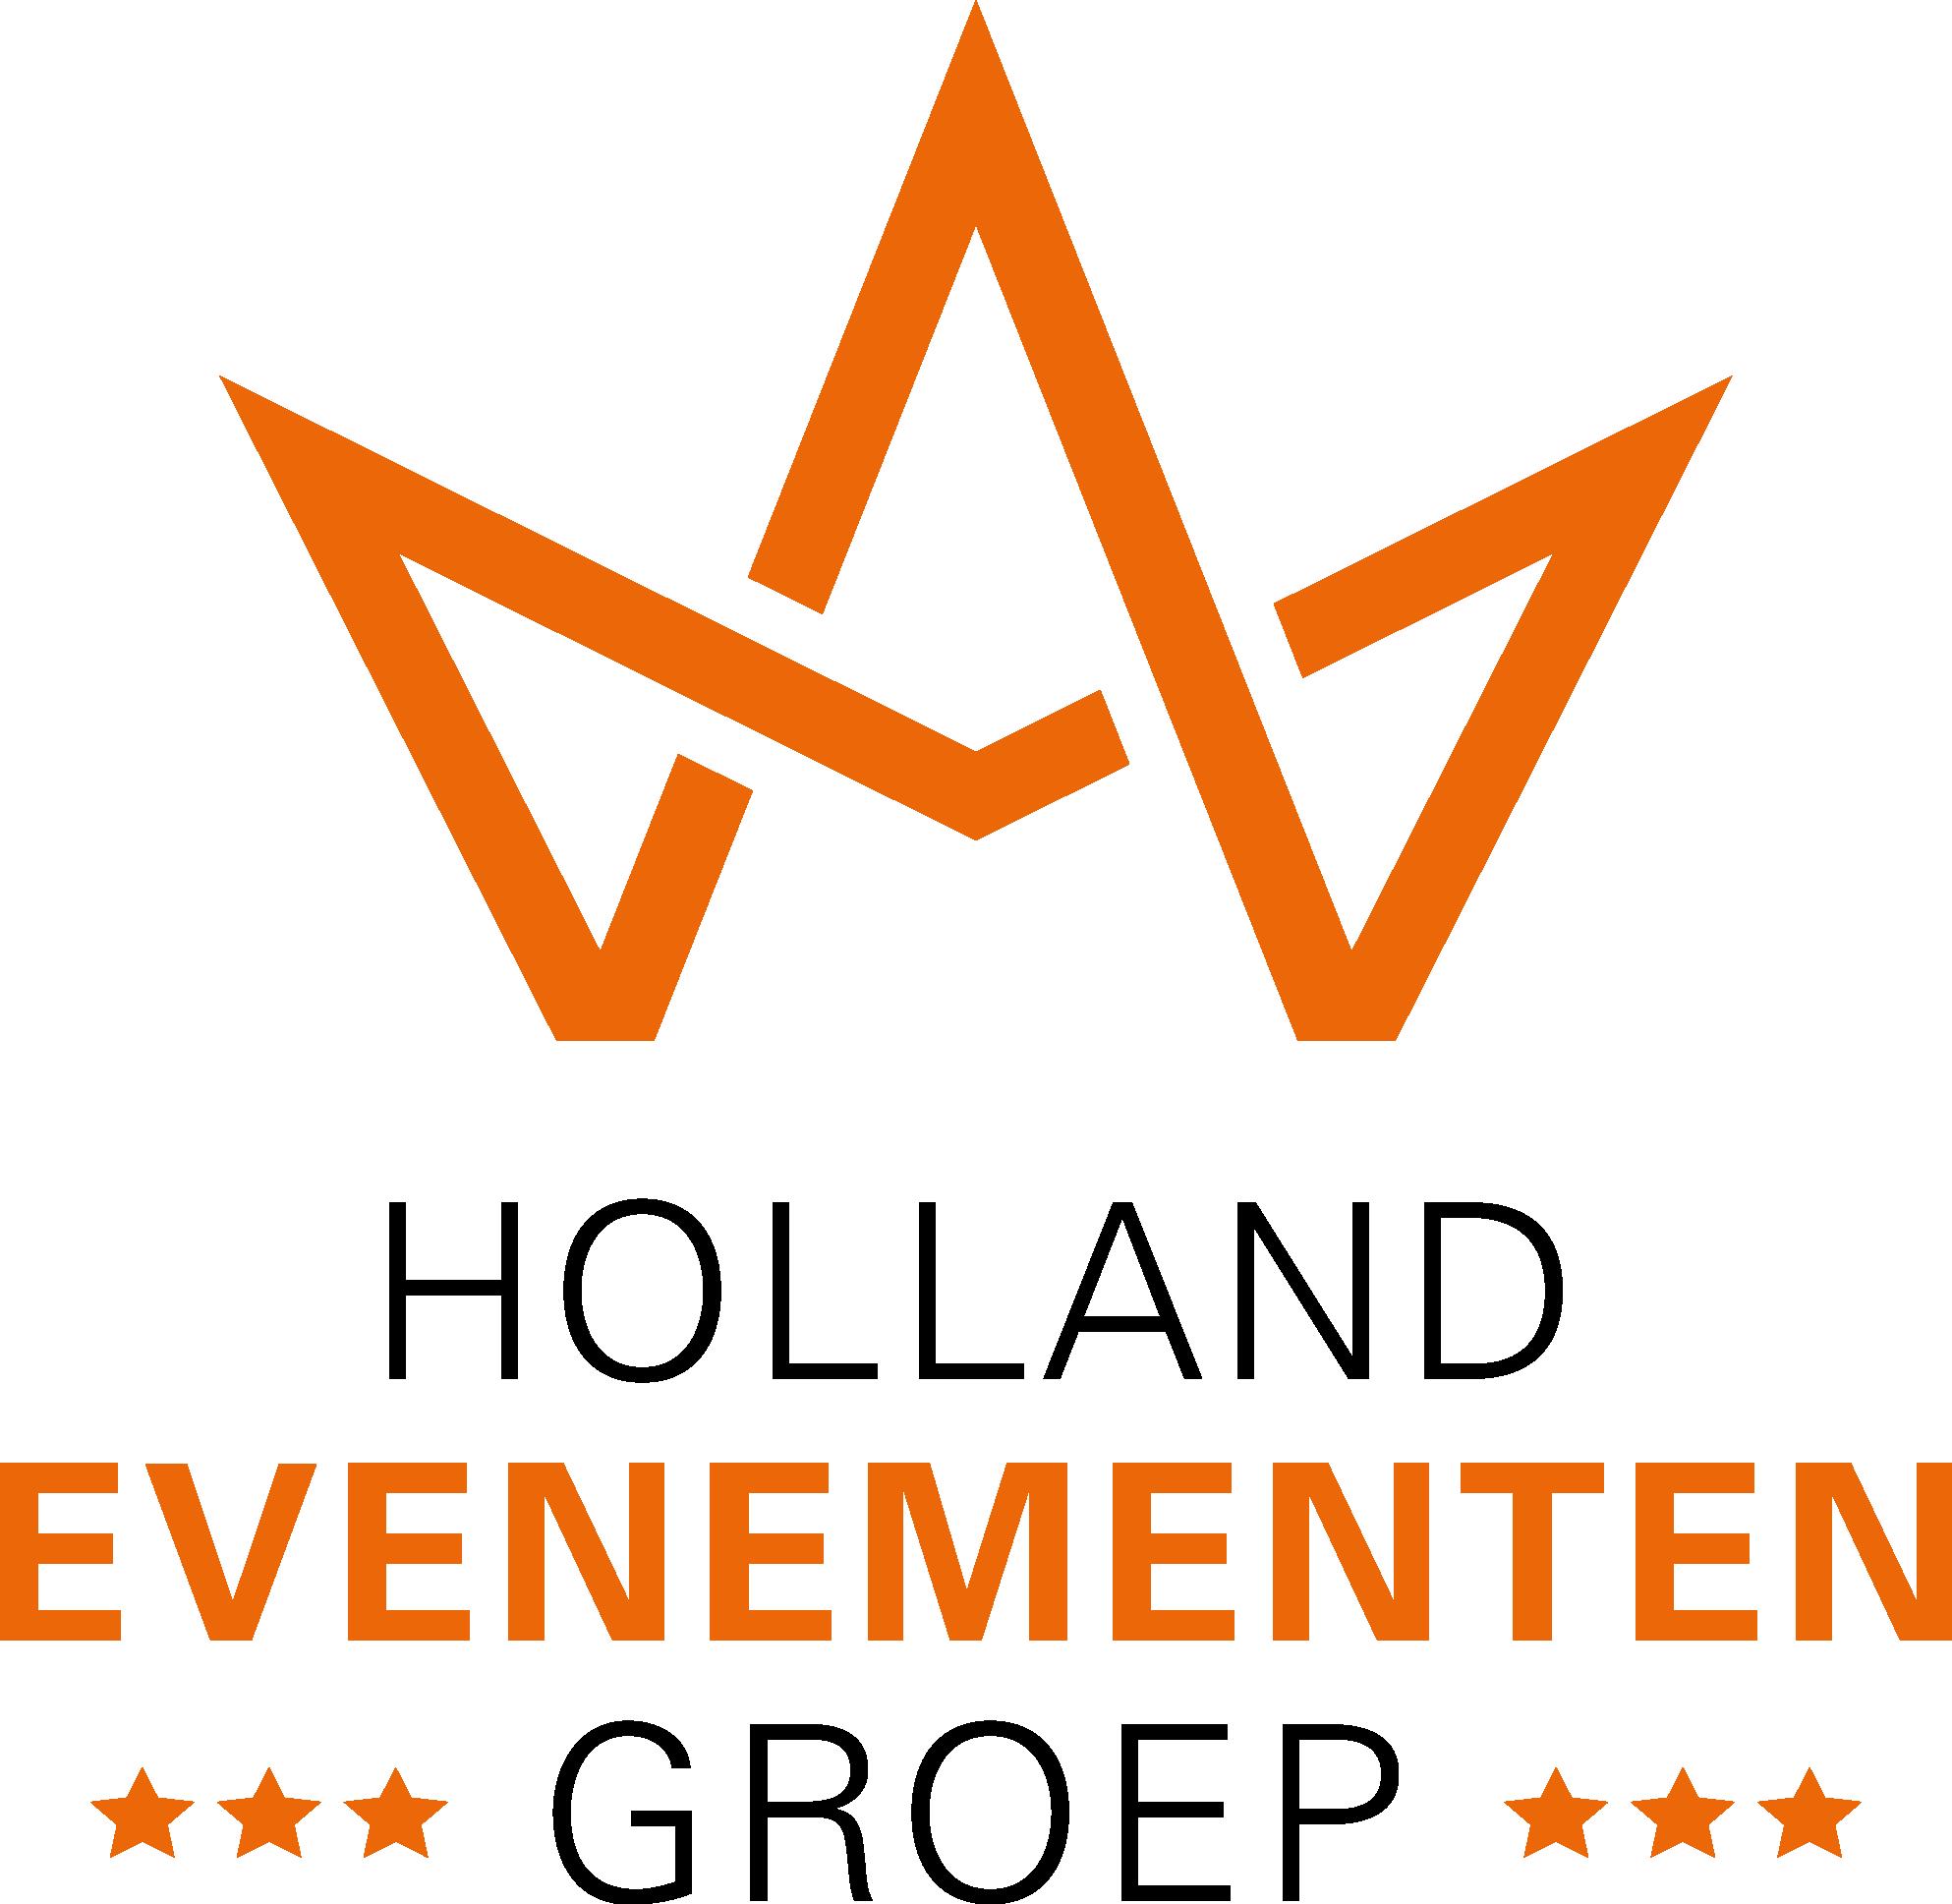 Holland Evenementen Groep